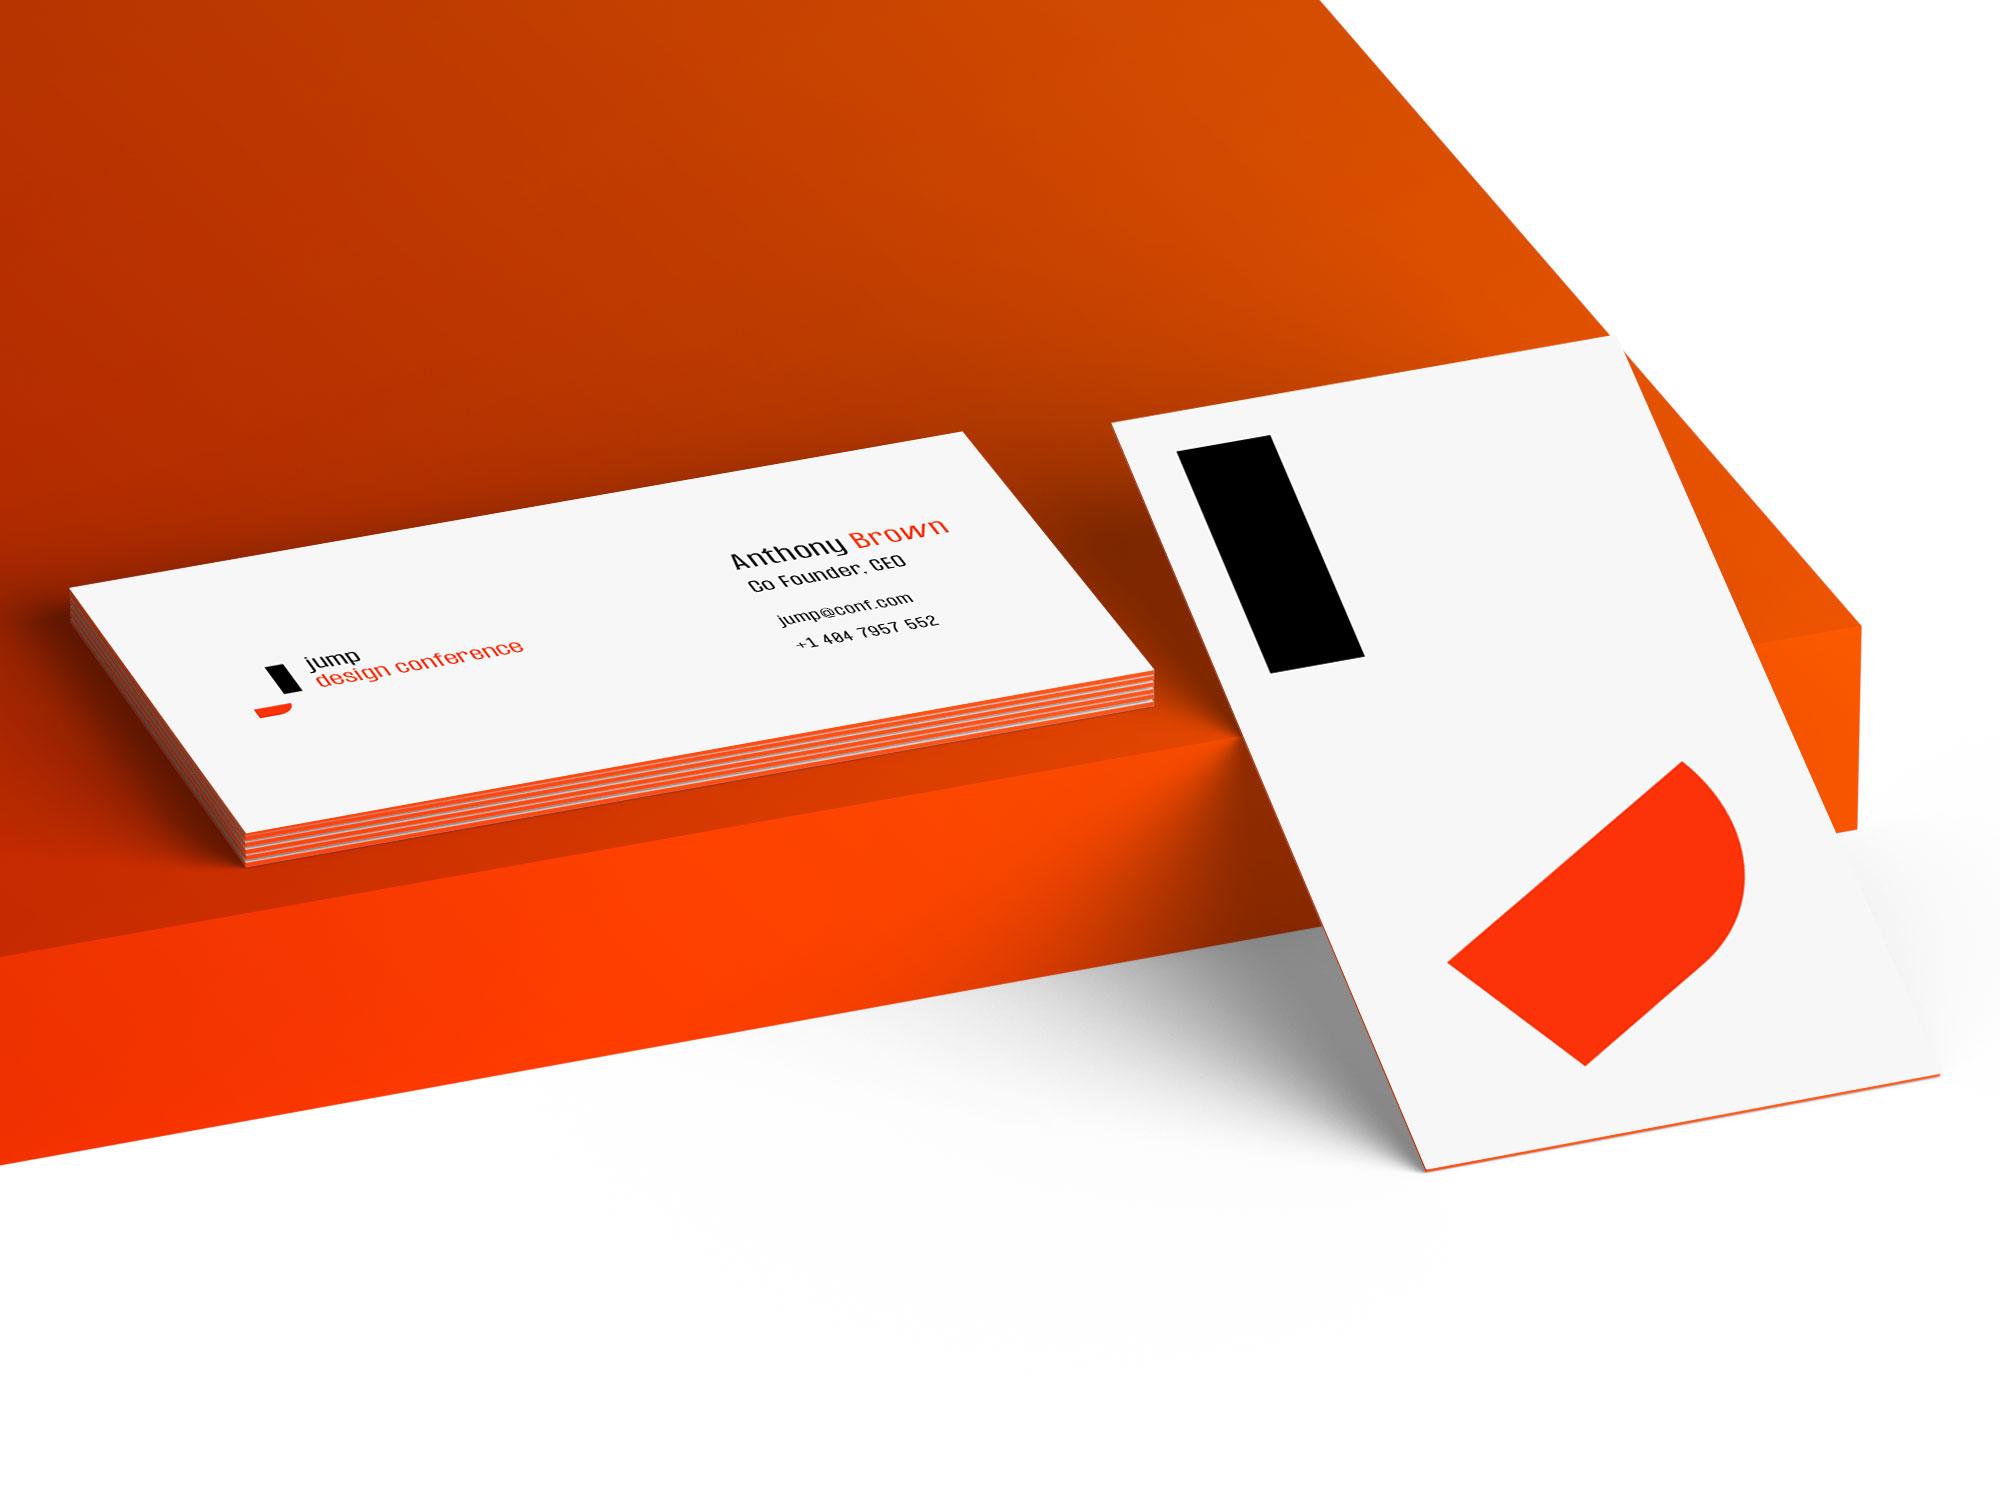 Mit dem kostenlosen Logo-Generator von Adobe Spark können Sie kostenlos ein Logo erstellen